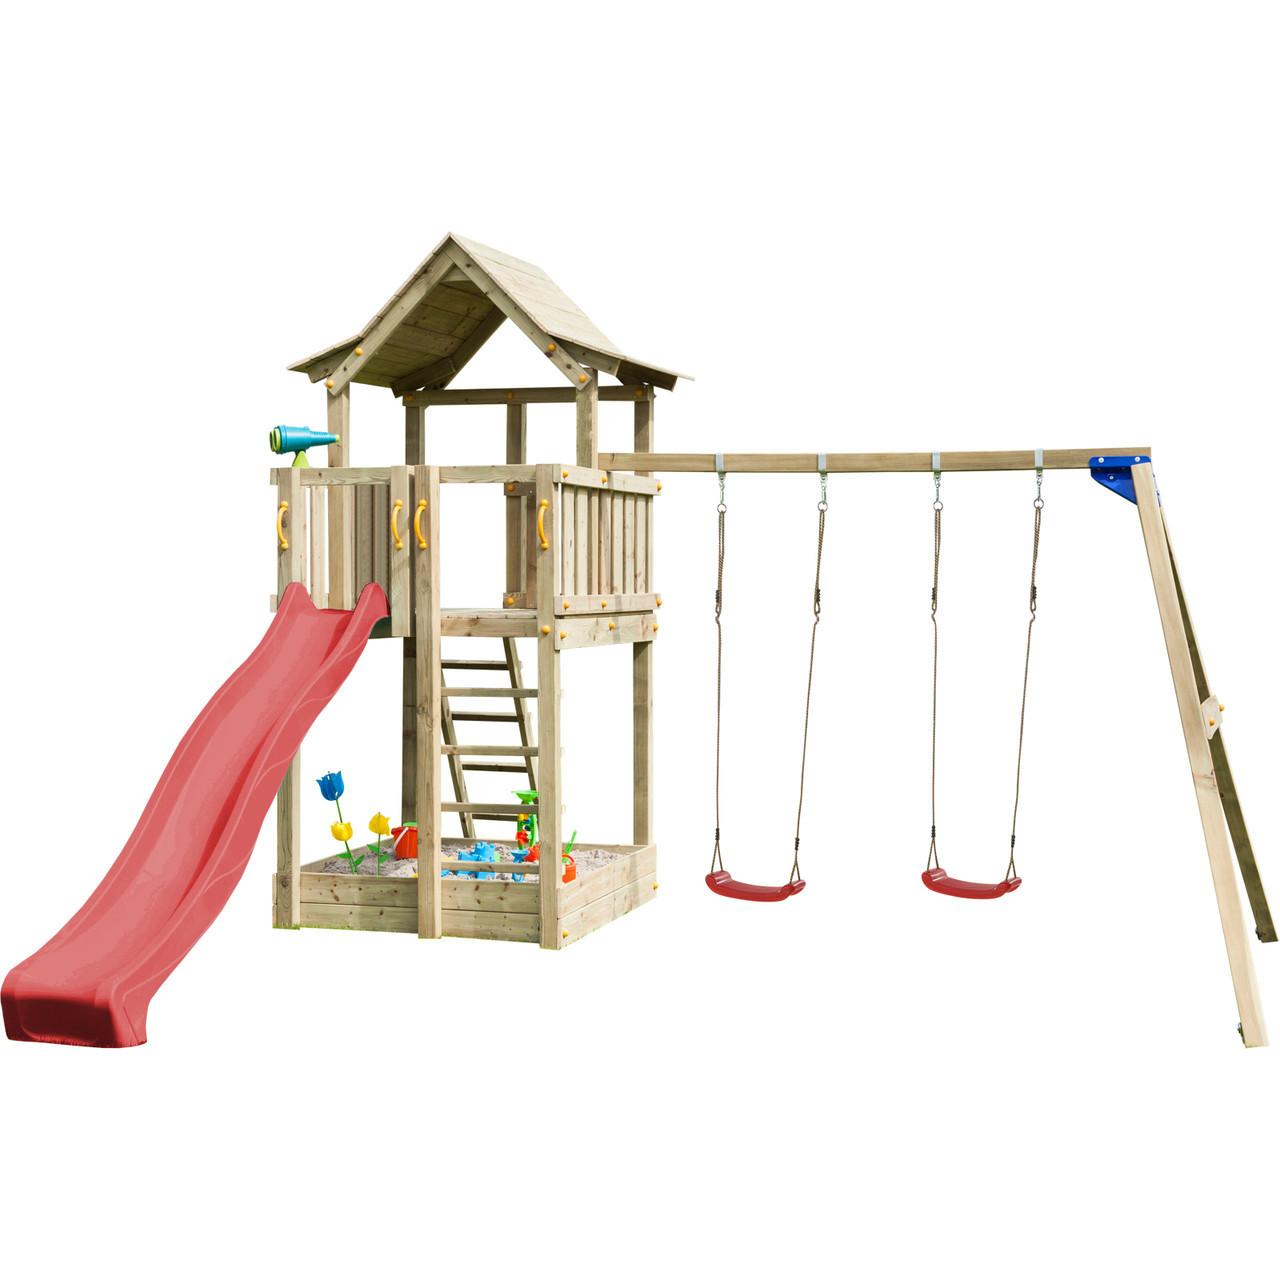 Детская игровая площадка Blue Rabbit PAGODA + качели SWING для детей